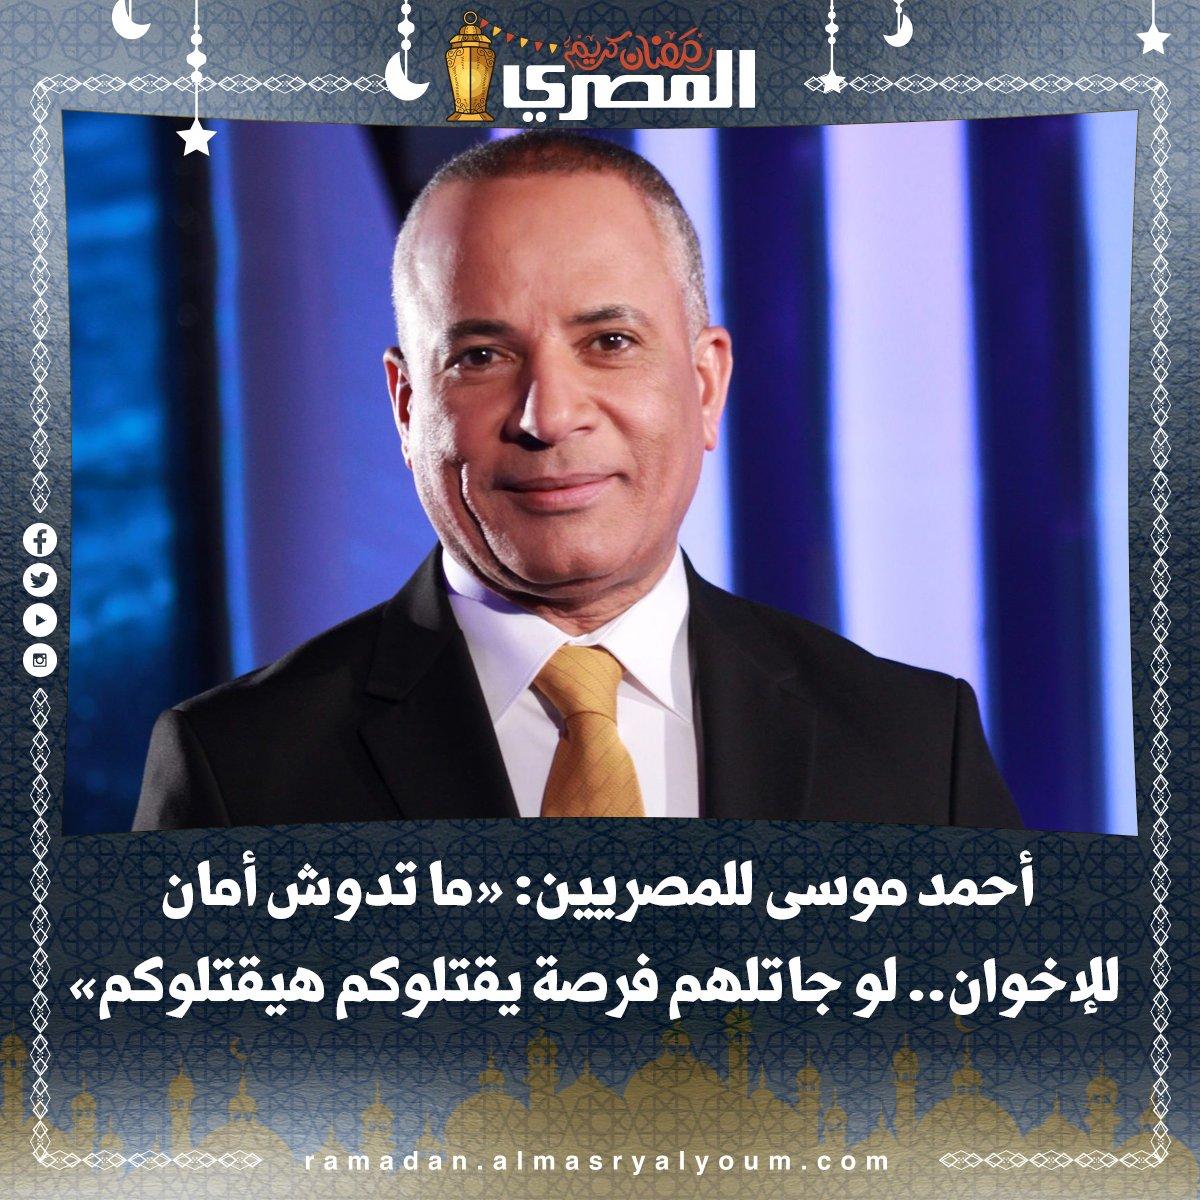 أحمد موسى للمصريين «عويس» باع حياة صديقه محمد مبروك بـ2 مليون جنيه